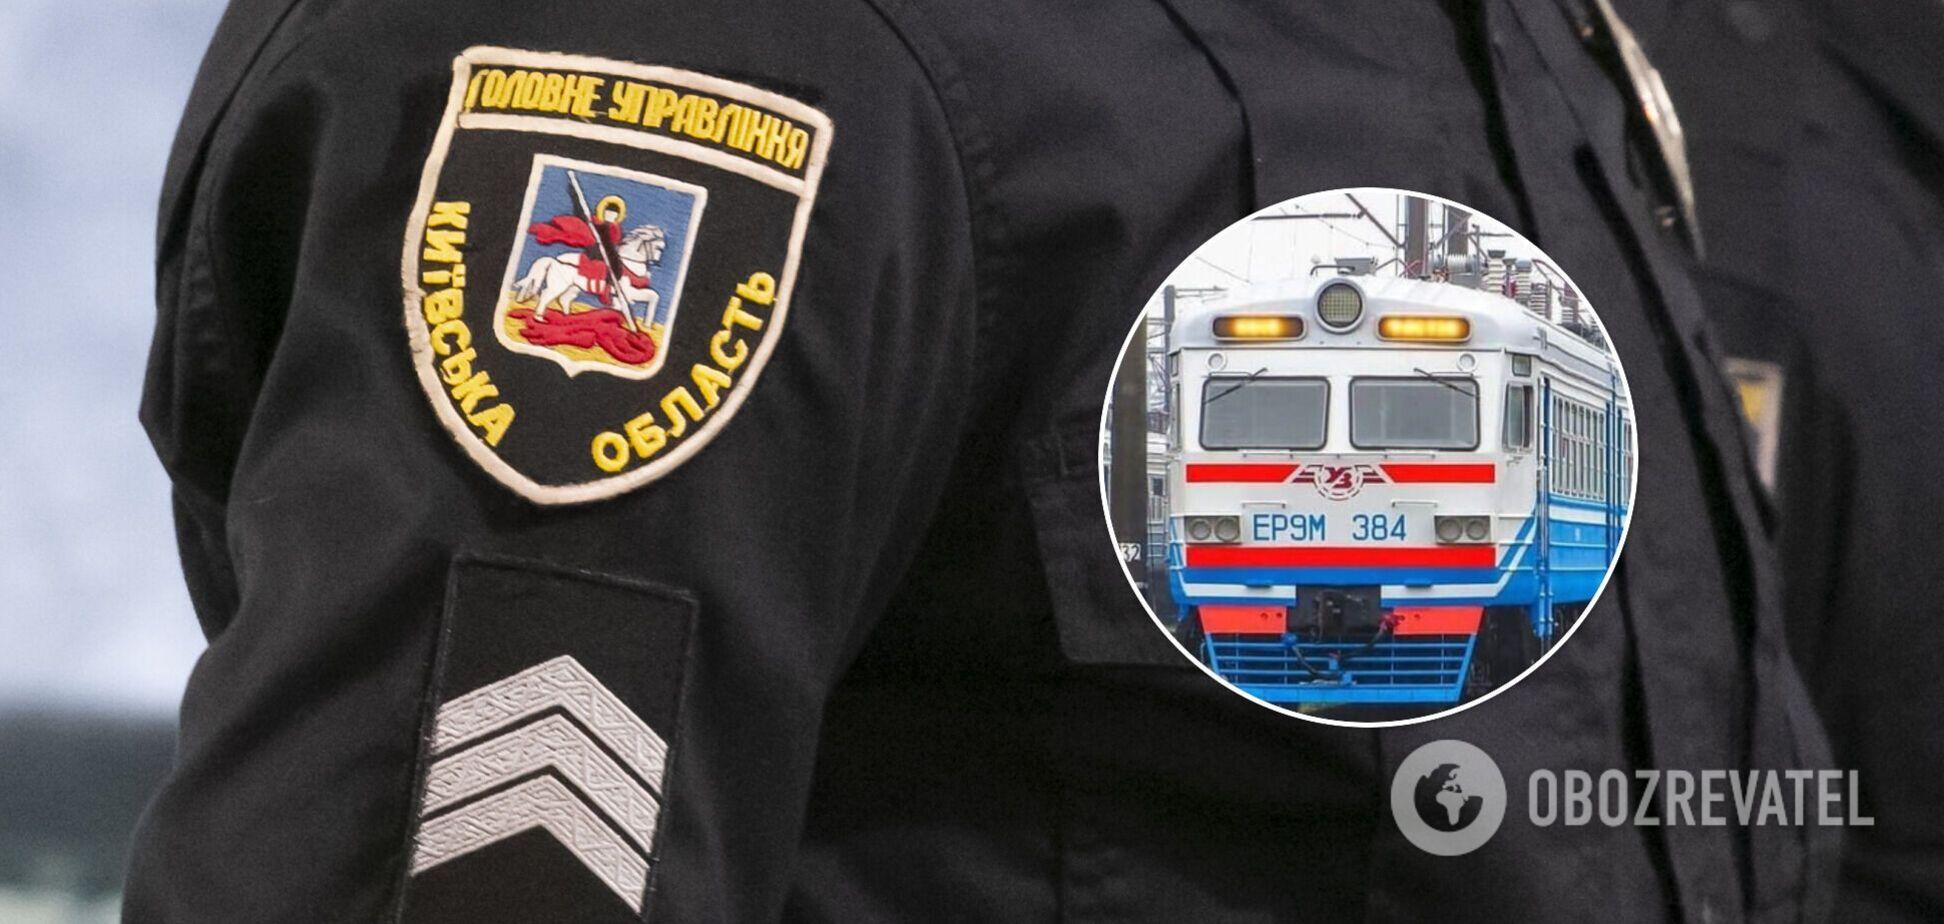 Обстоятельства происшествия установят правоохранители